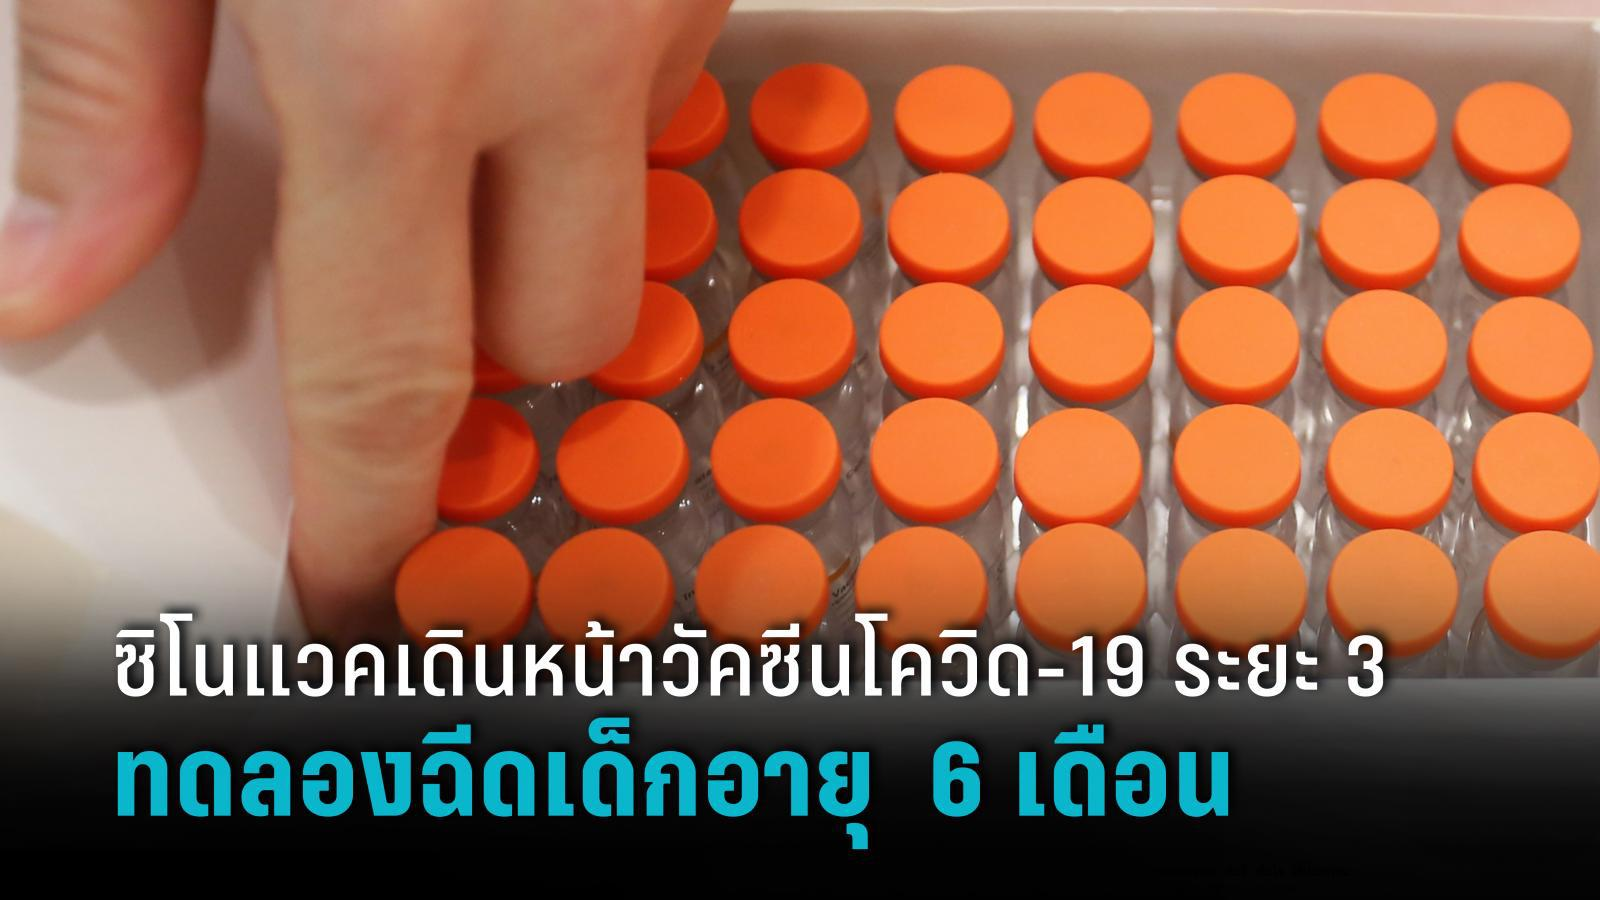 """ครั้งแรกของโลก """"ซิโนแวคทดลองวัคซีนโควิด-19ในเด็กตั้งแต่ 6 เดือน"""""""